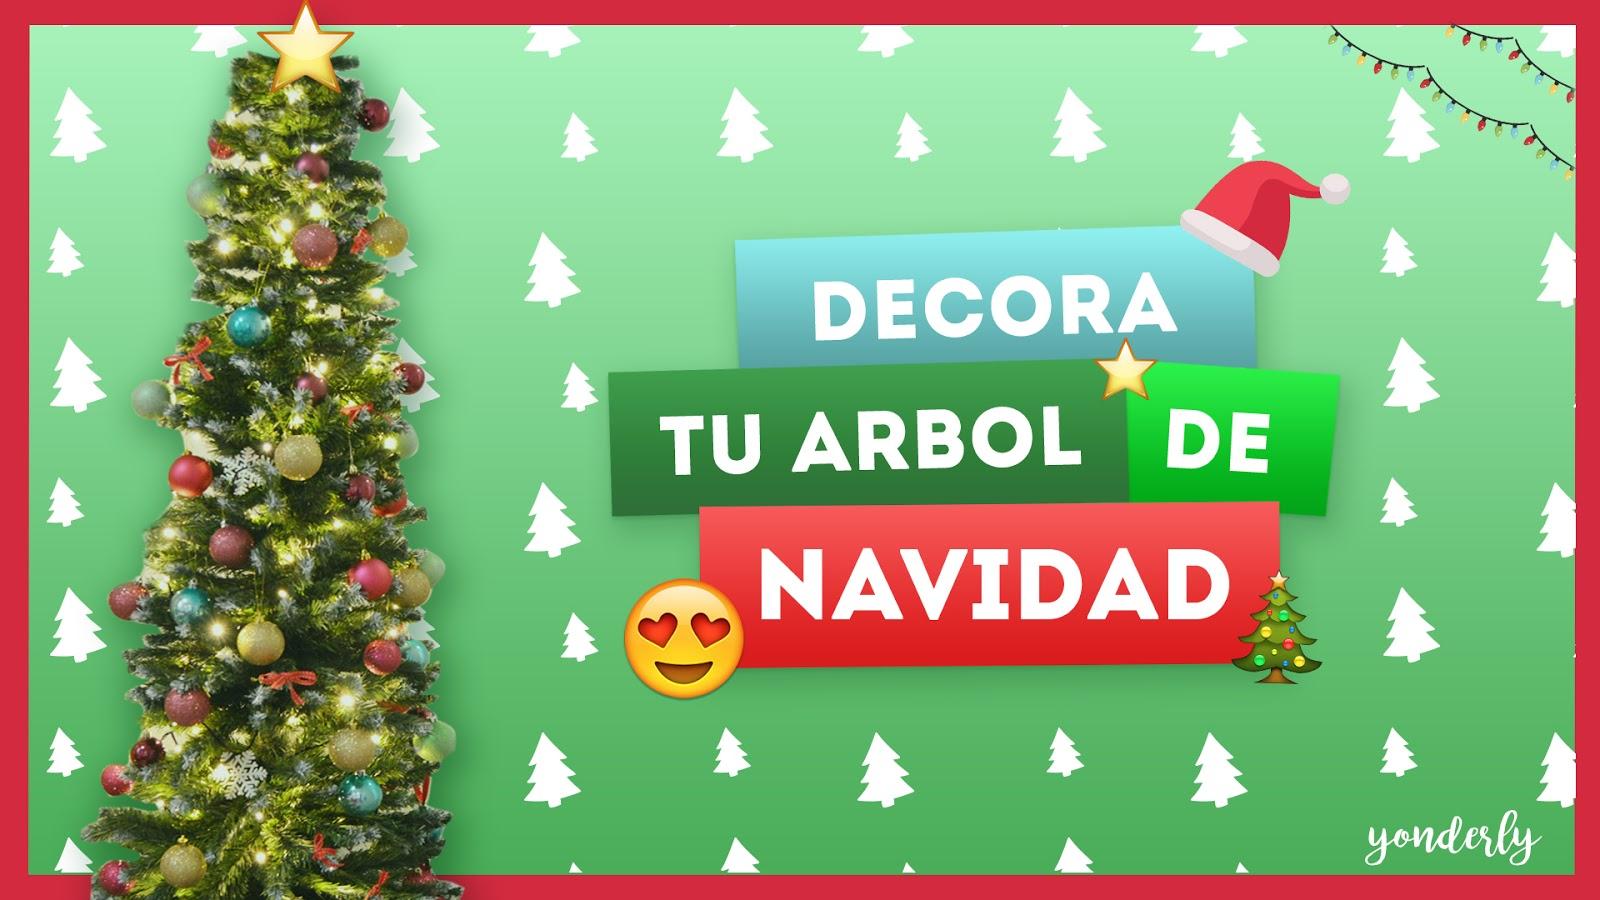 Como Decorar Mi Arbol De Navidad 2018.Tendencias Decoracion Arbol De Navidad 2018 2019 Decora Tu